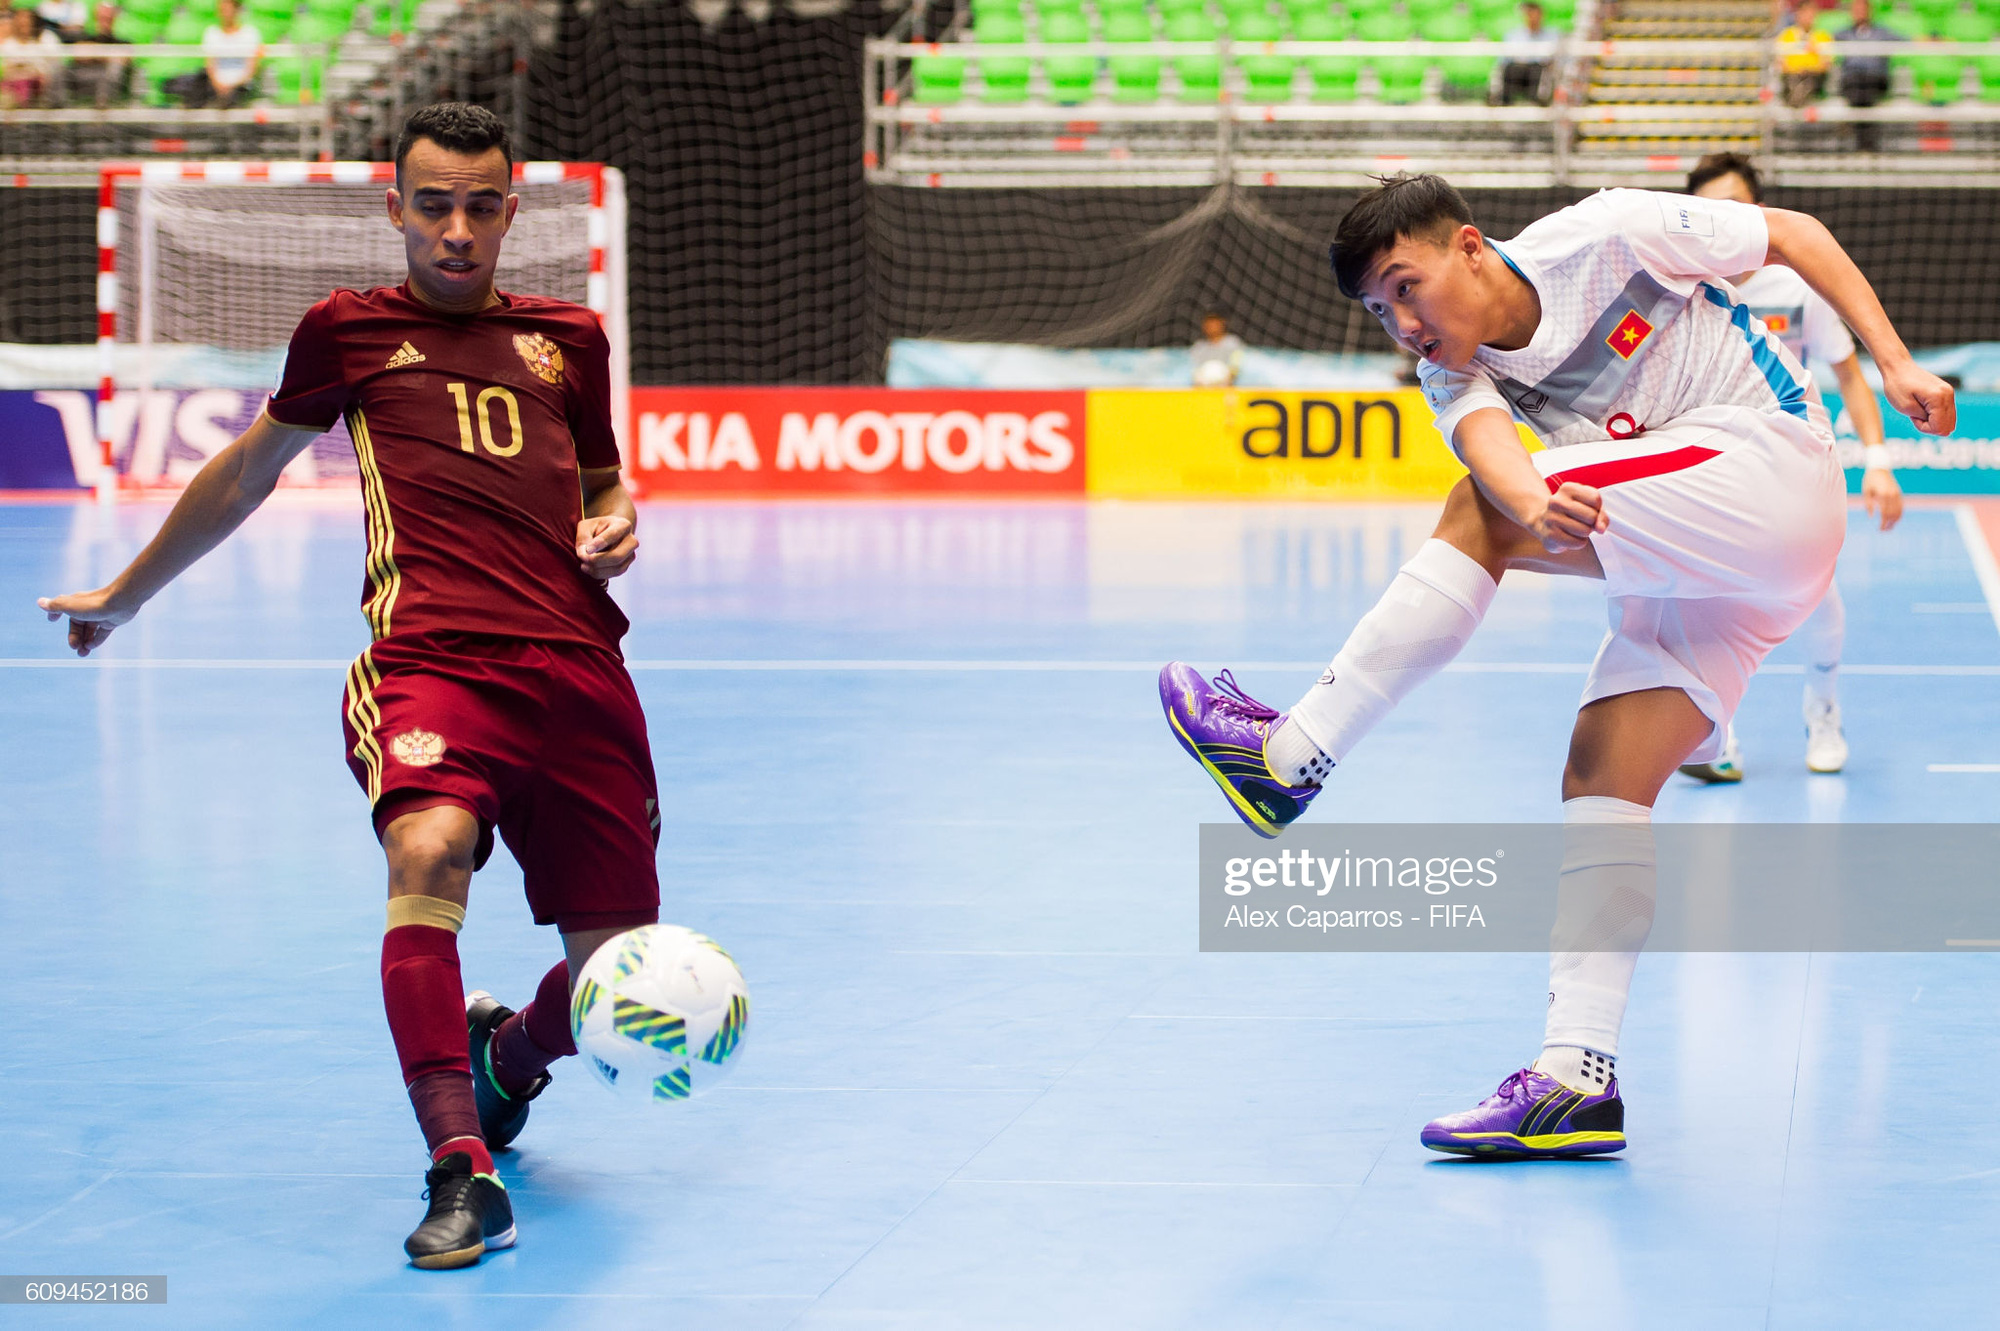 Đối thủ của tuyển futsal Việt Nam ở vòng 16 đội World Cup 2021: Quen mặt, nhưng vẫn quá mạnh - ảnh 5